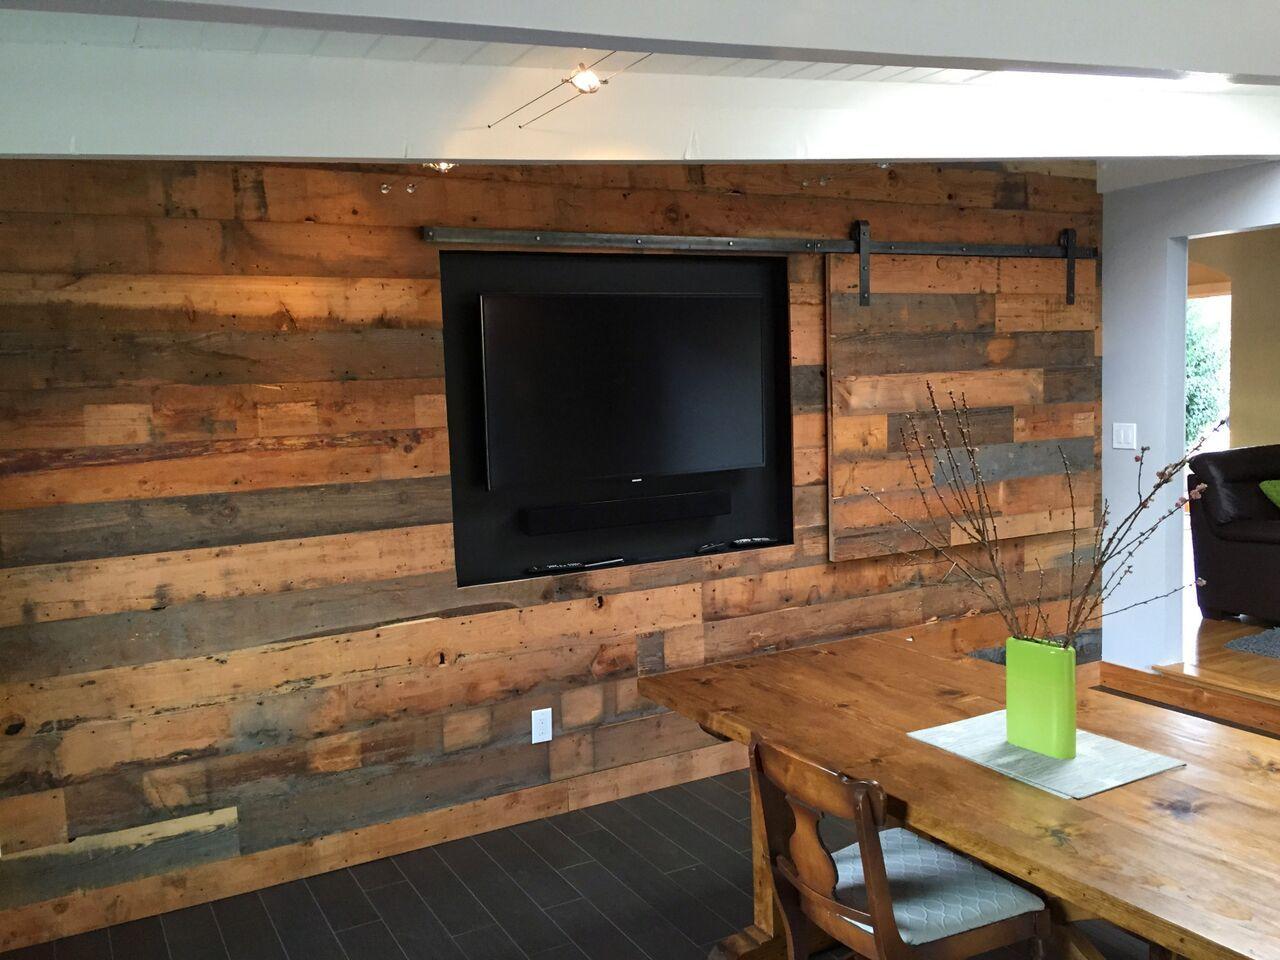 Tv Slider Door Residential Projects Pinterest Doors